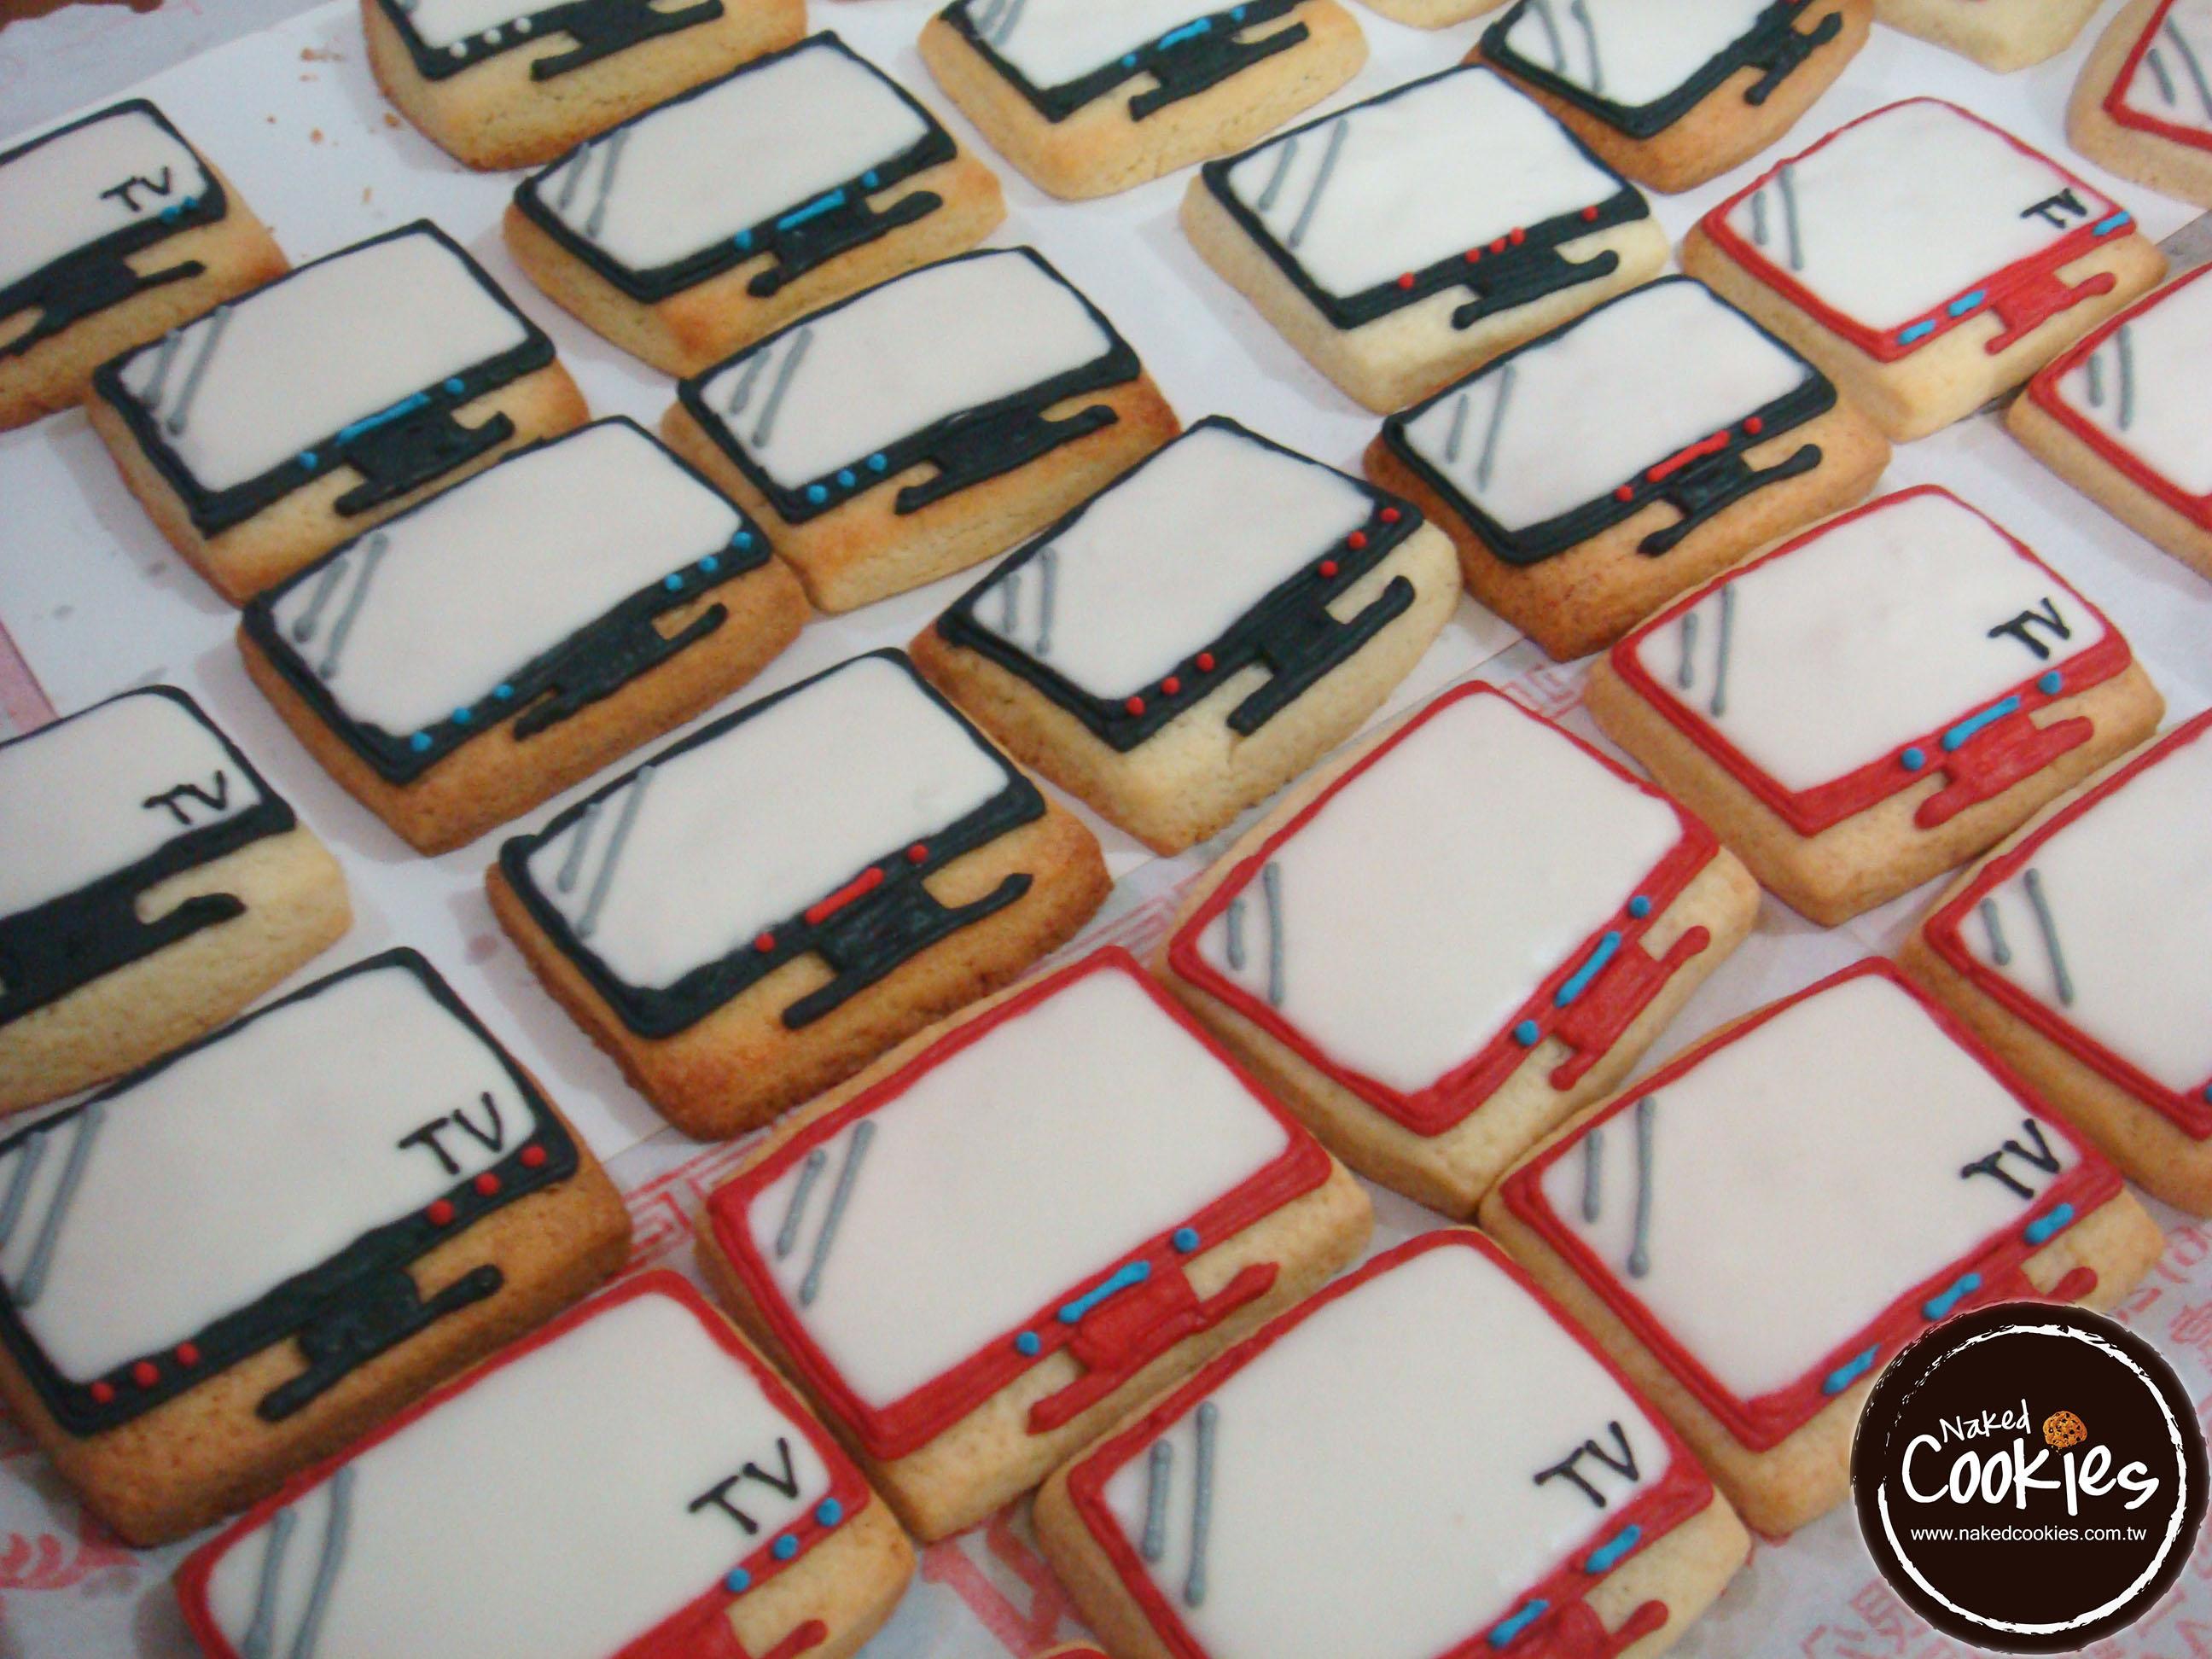 【裸餅乾Naked Cookies】電視主題-特殊客製6入-創意手工糖霜餅乾,婚禮/生日/活動/收涎/彌月